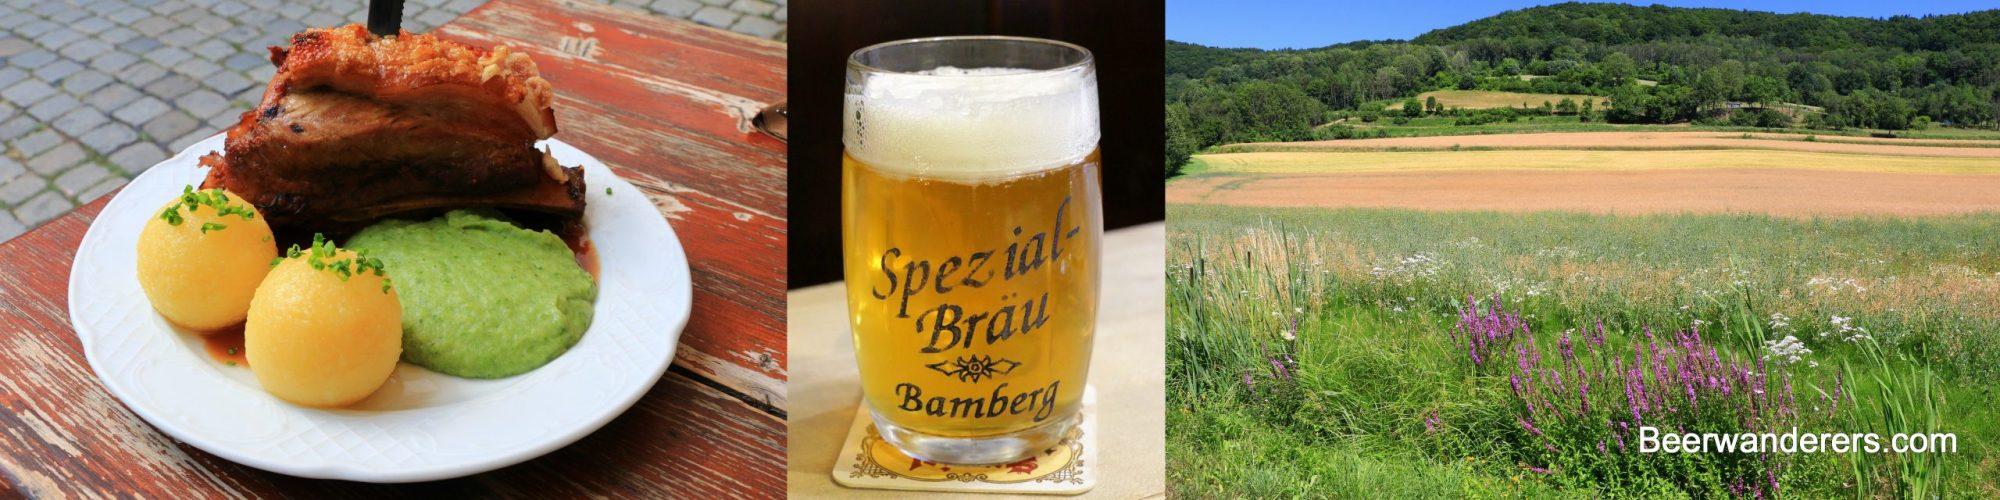 food beer landscape